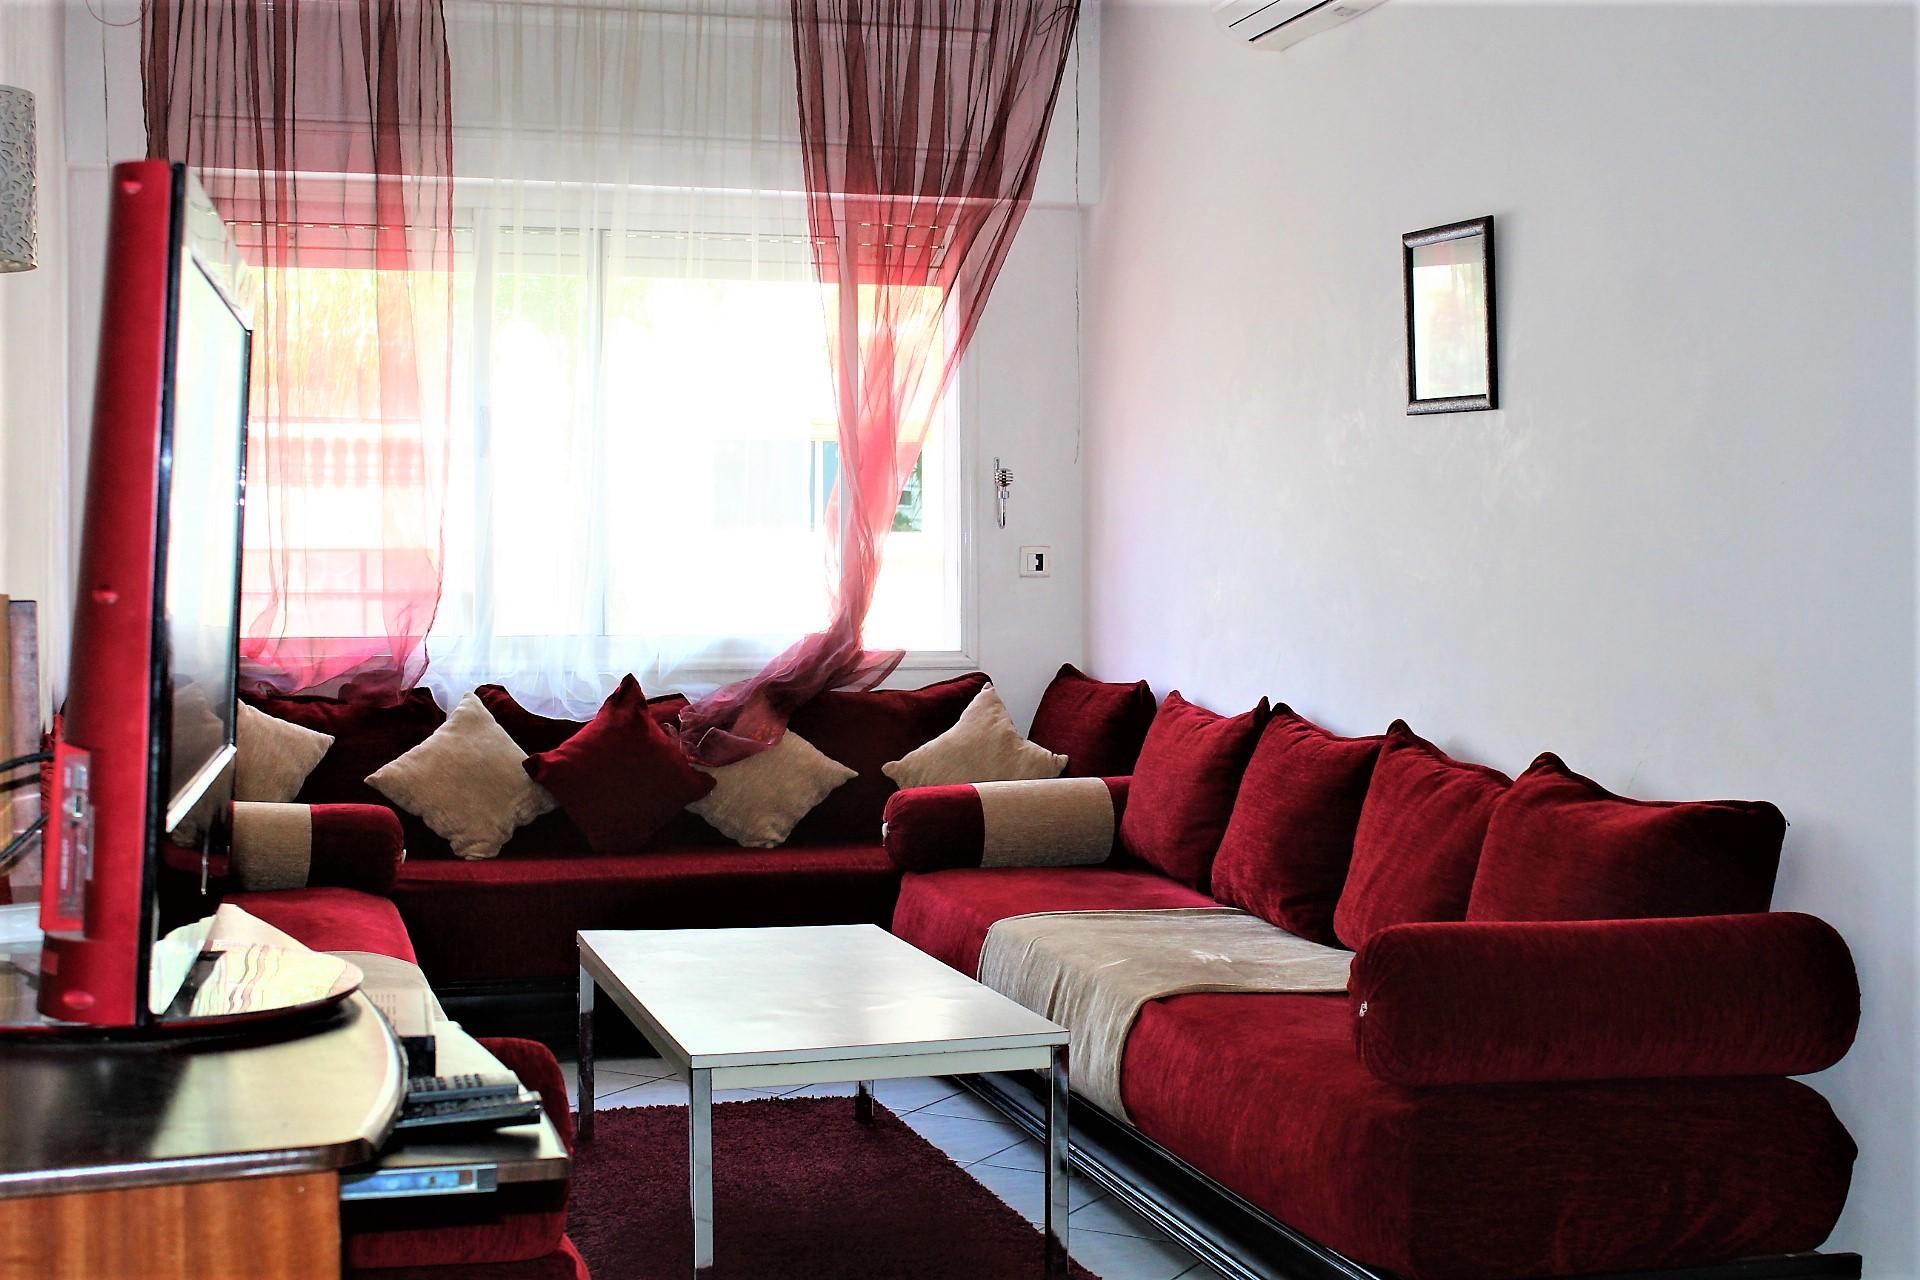 Maroc, Casablanca, Maarif extension, location d'un appartement meublé en parfait état